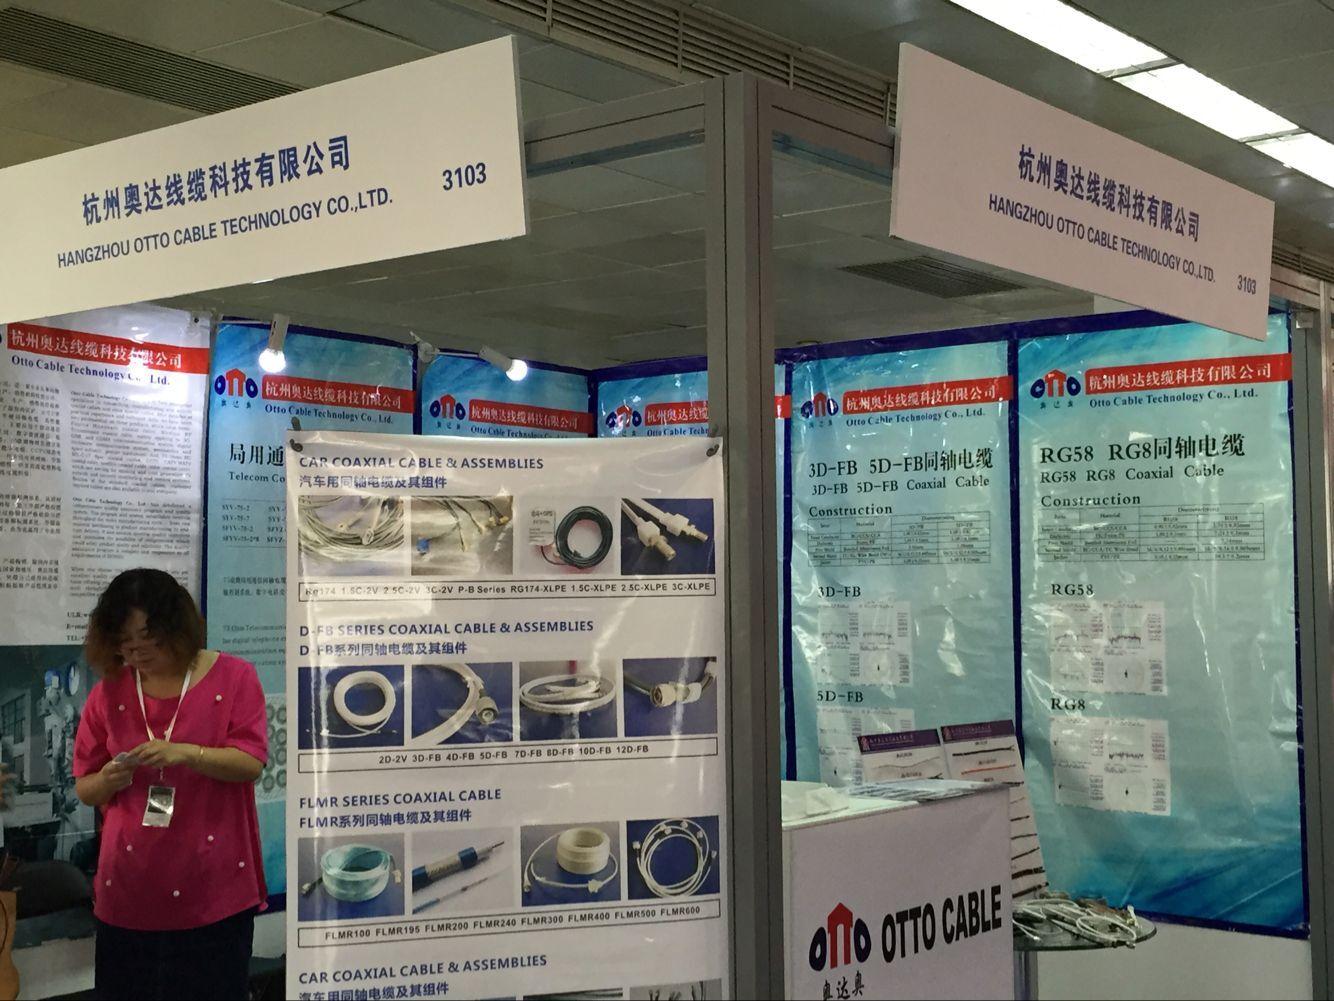 PT/EXPO CHINA 2015